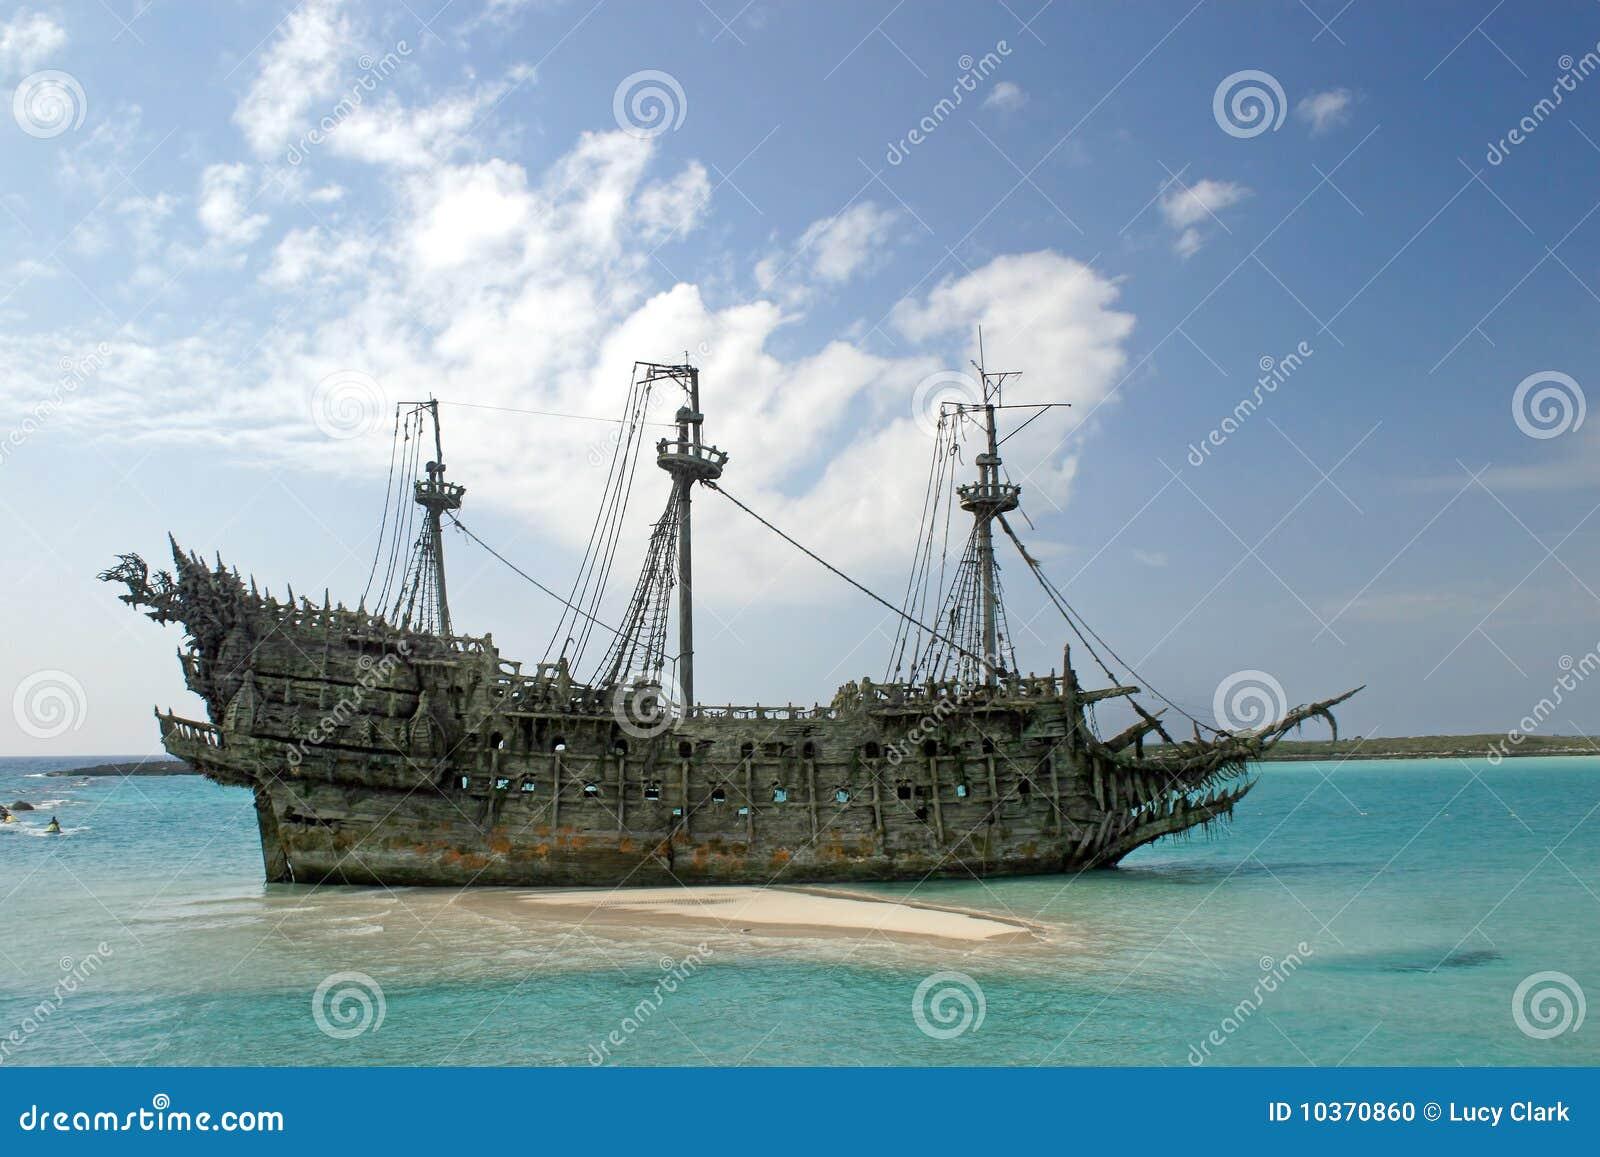 Совершите незабываемое путешествие на знаменитый остров пира.